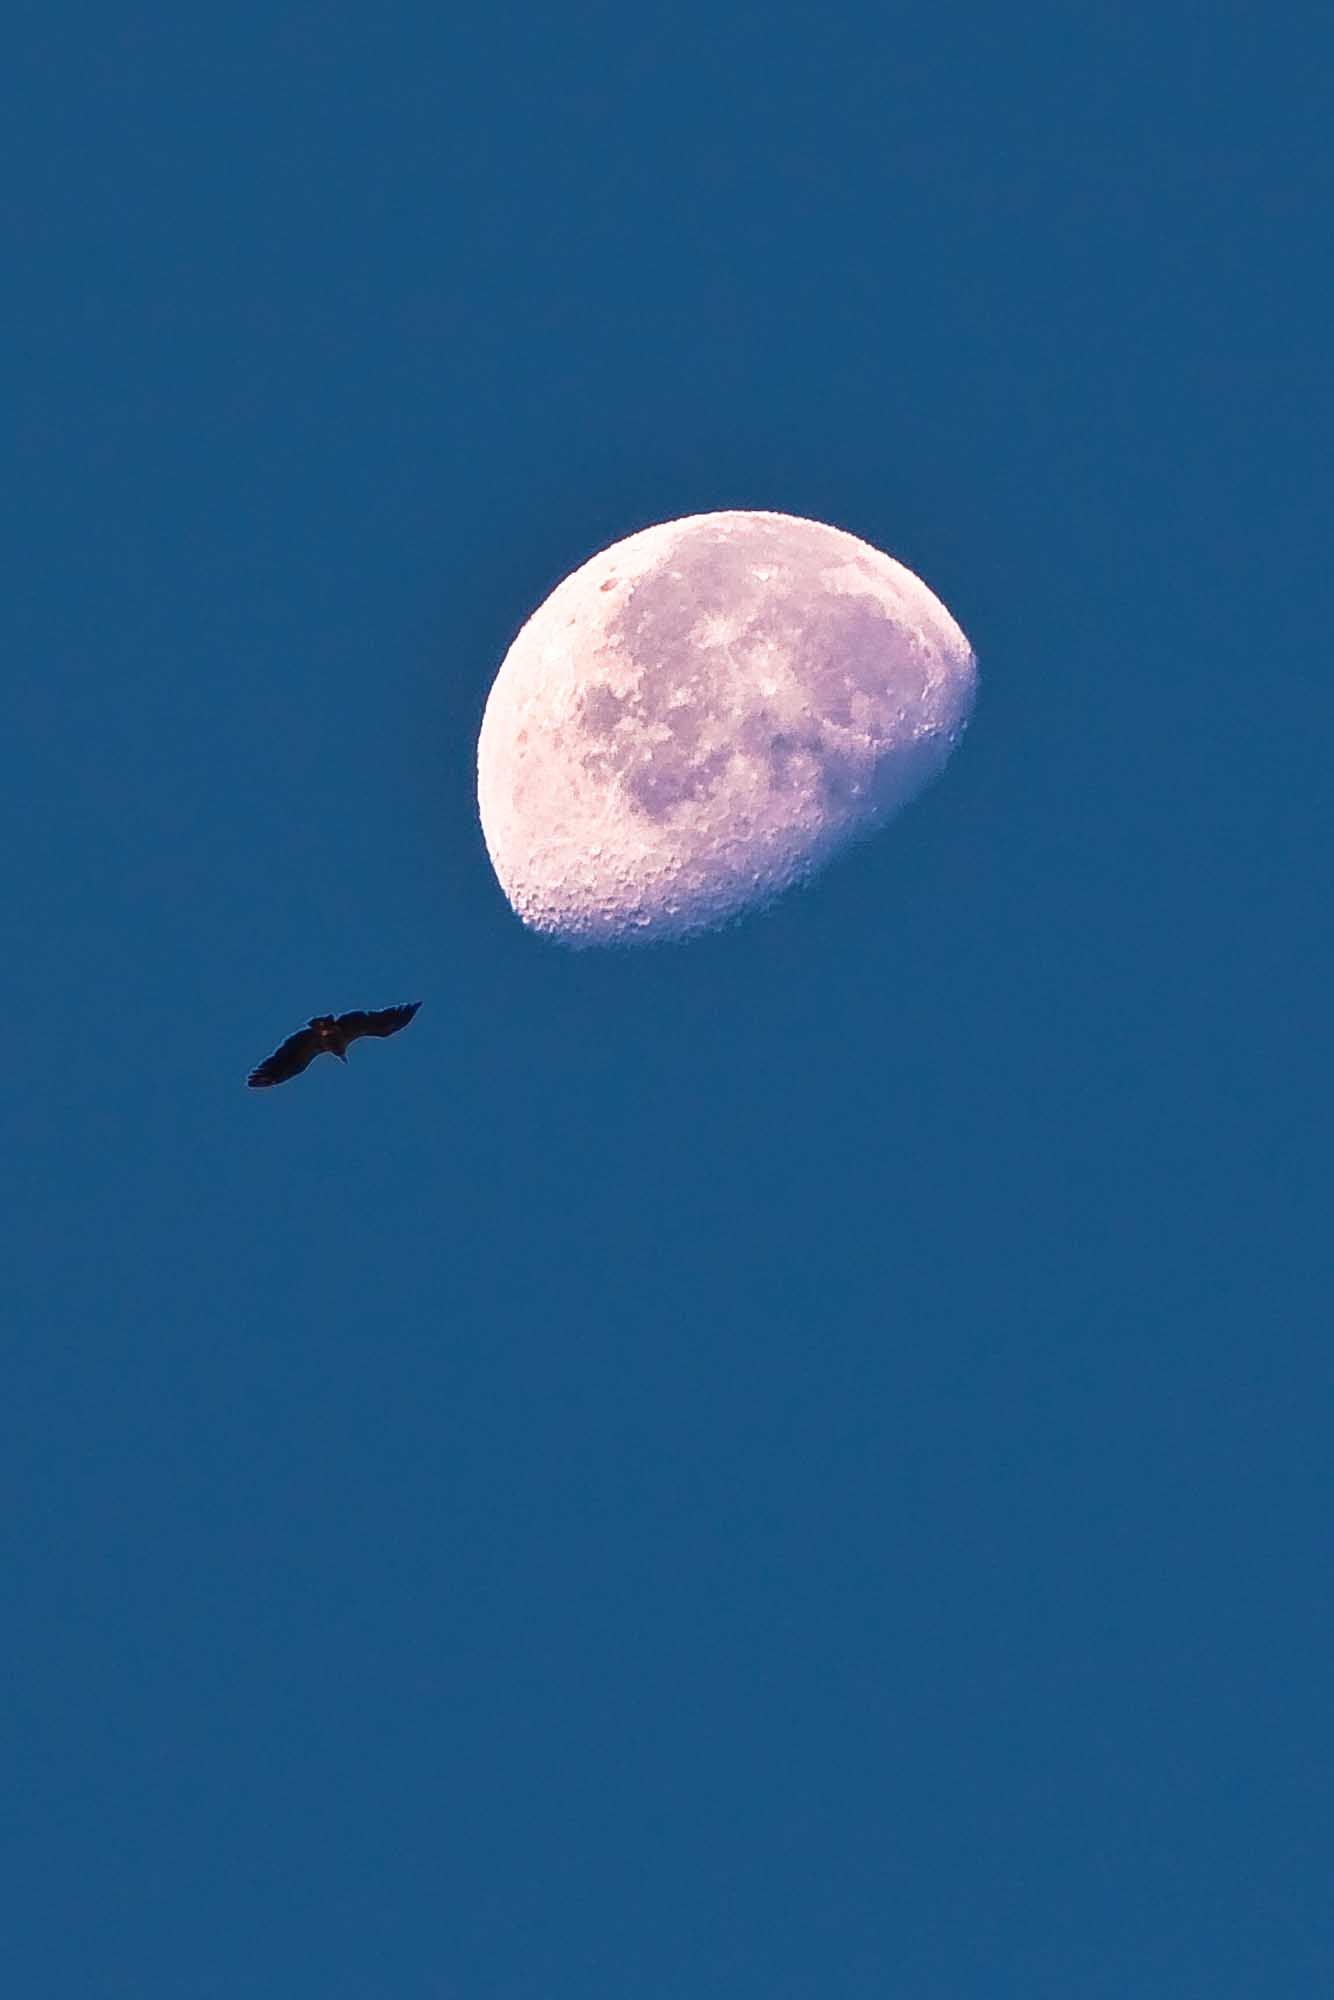 Lammergeier by moonlight.jpg